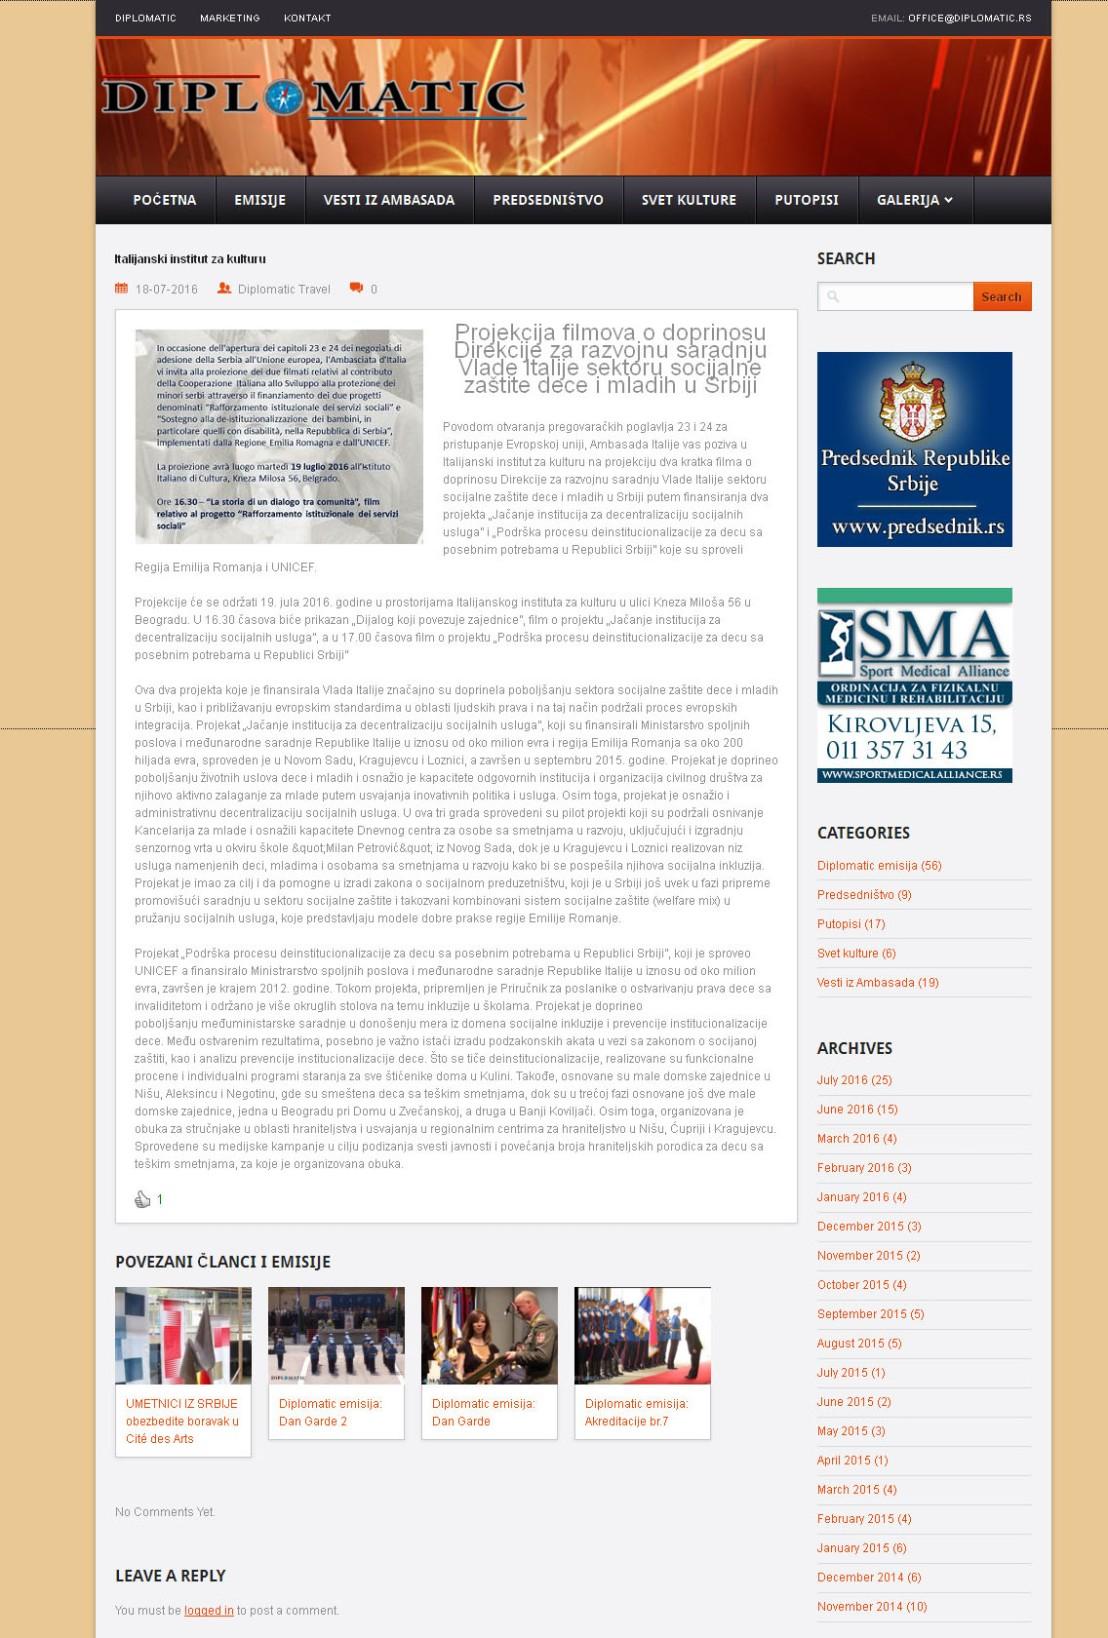 1807 - diplomatic.rs - Italijanski institut za kulturu.jpg